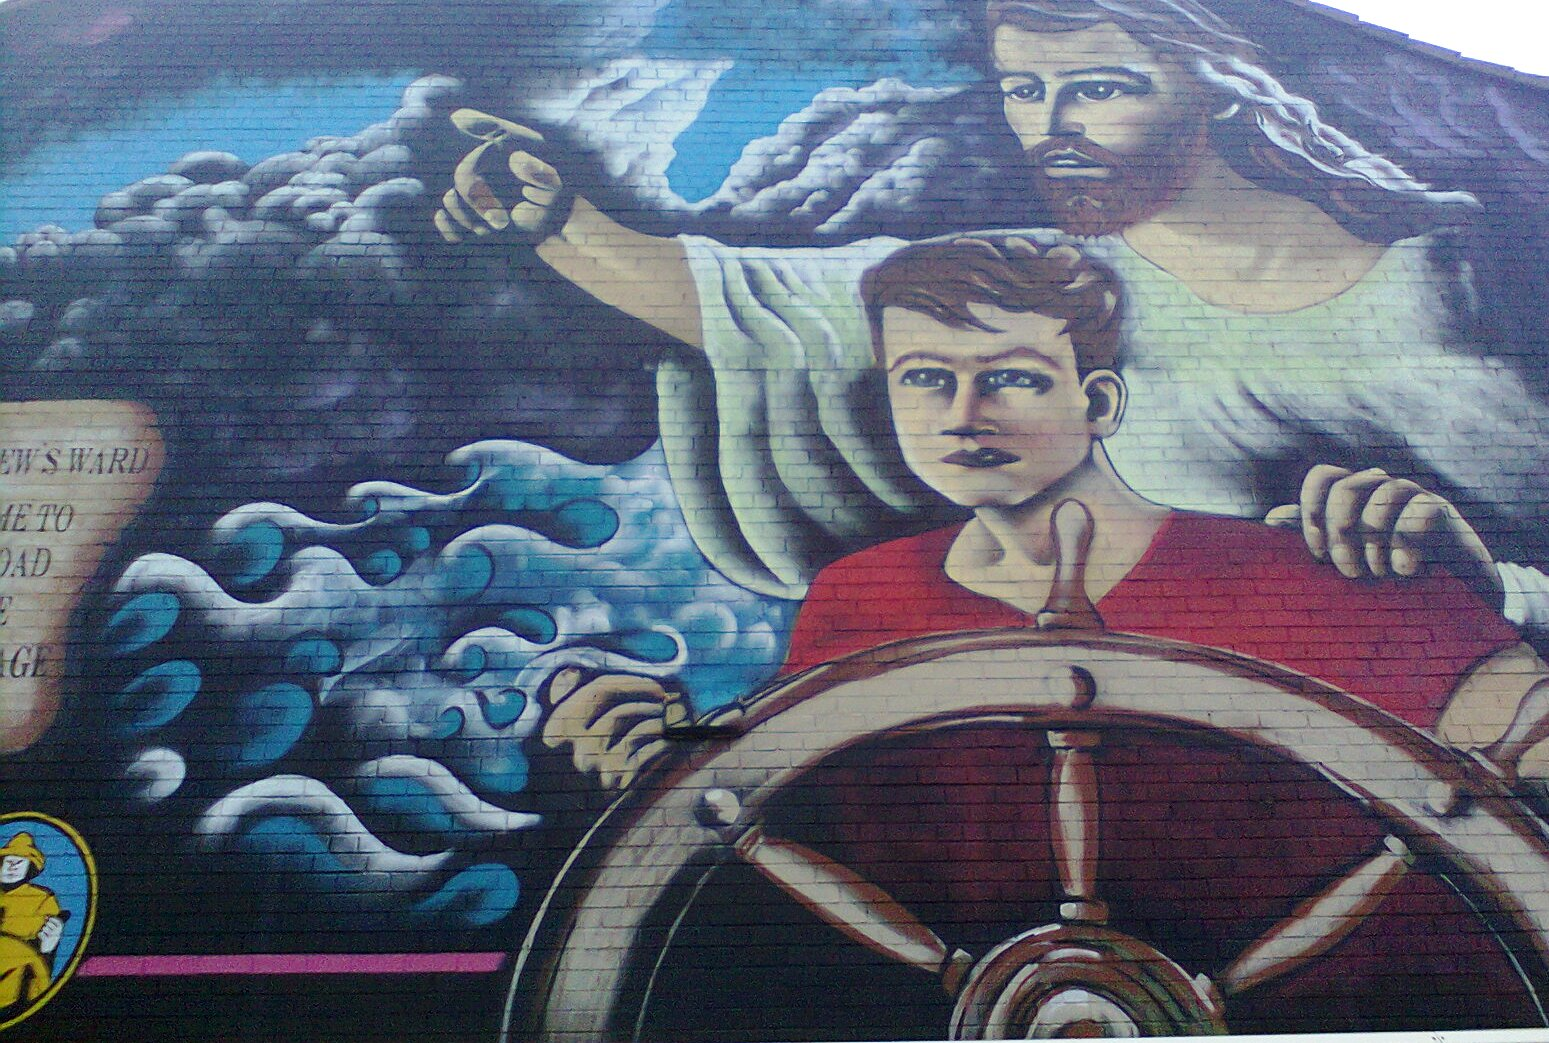 Hull Fishing Mural